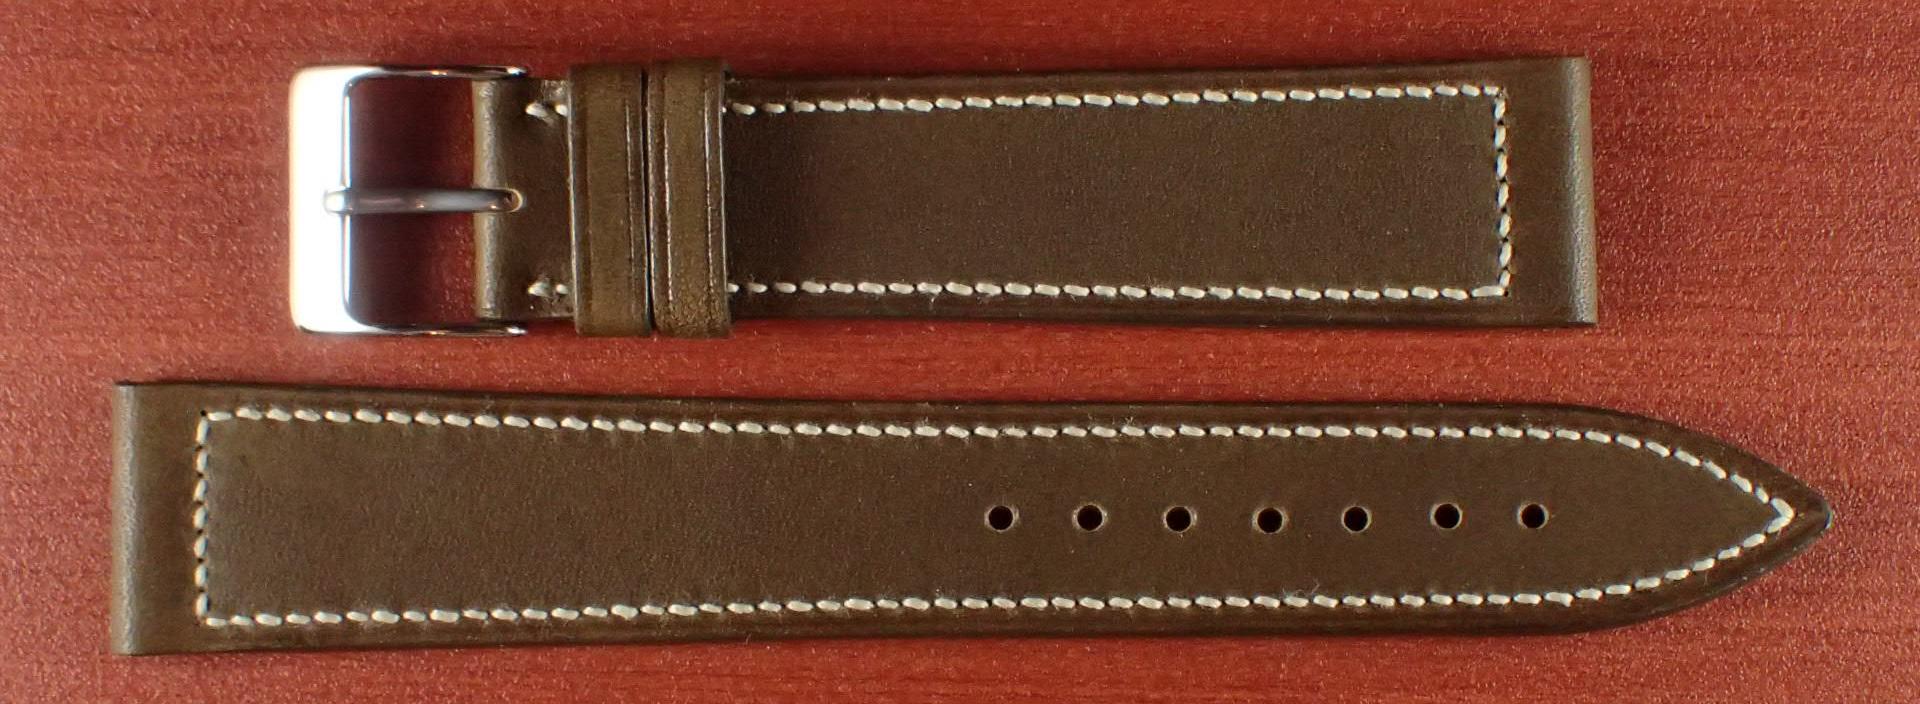 ジャン・クロード ペラン革ベルト カーフ オリーブ 16、17、18、19、20mm